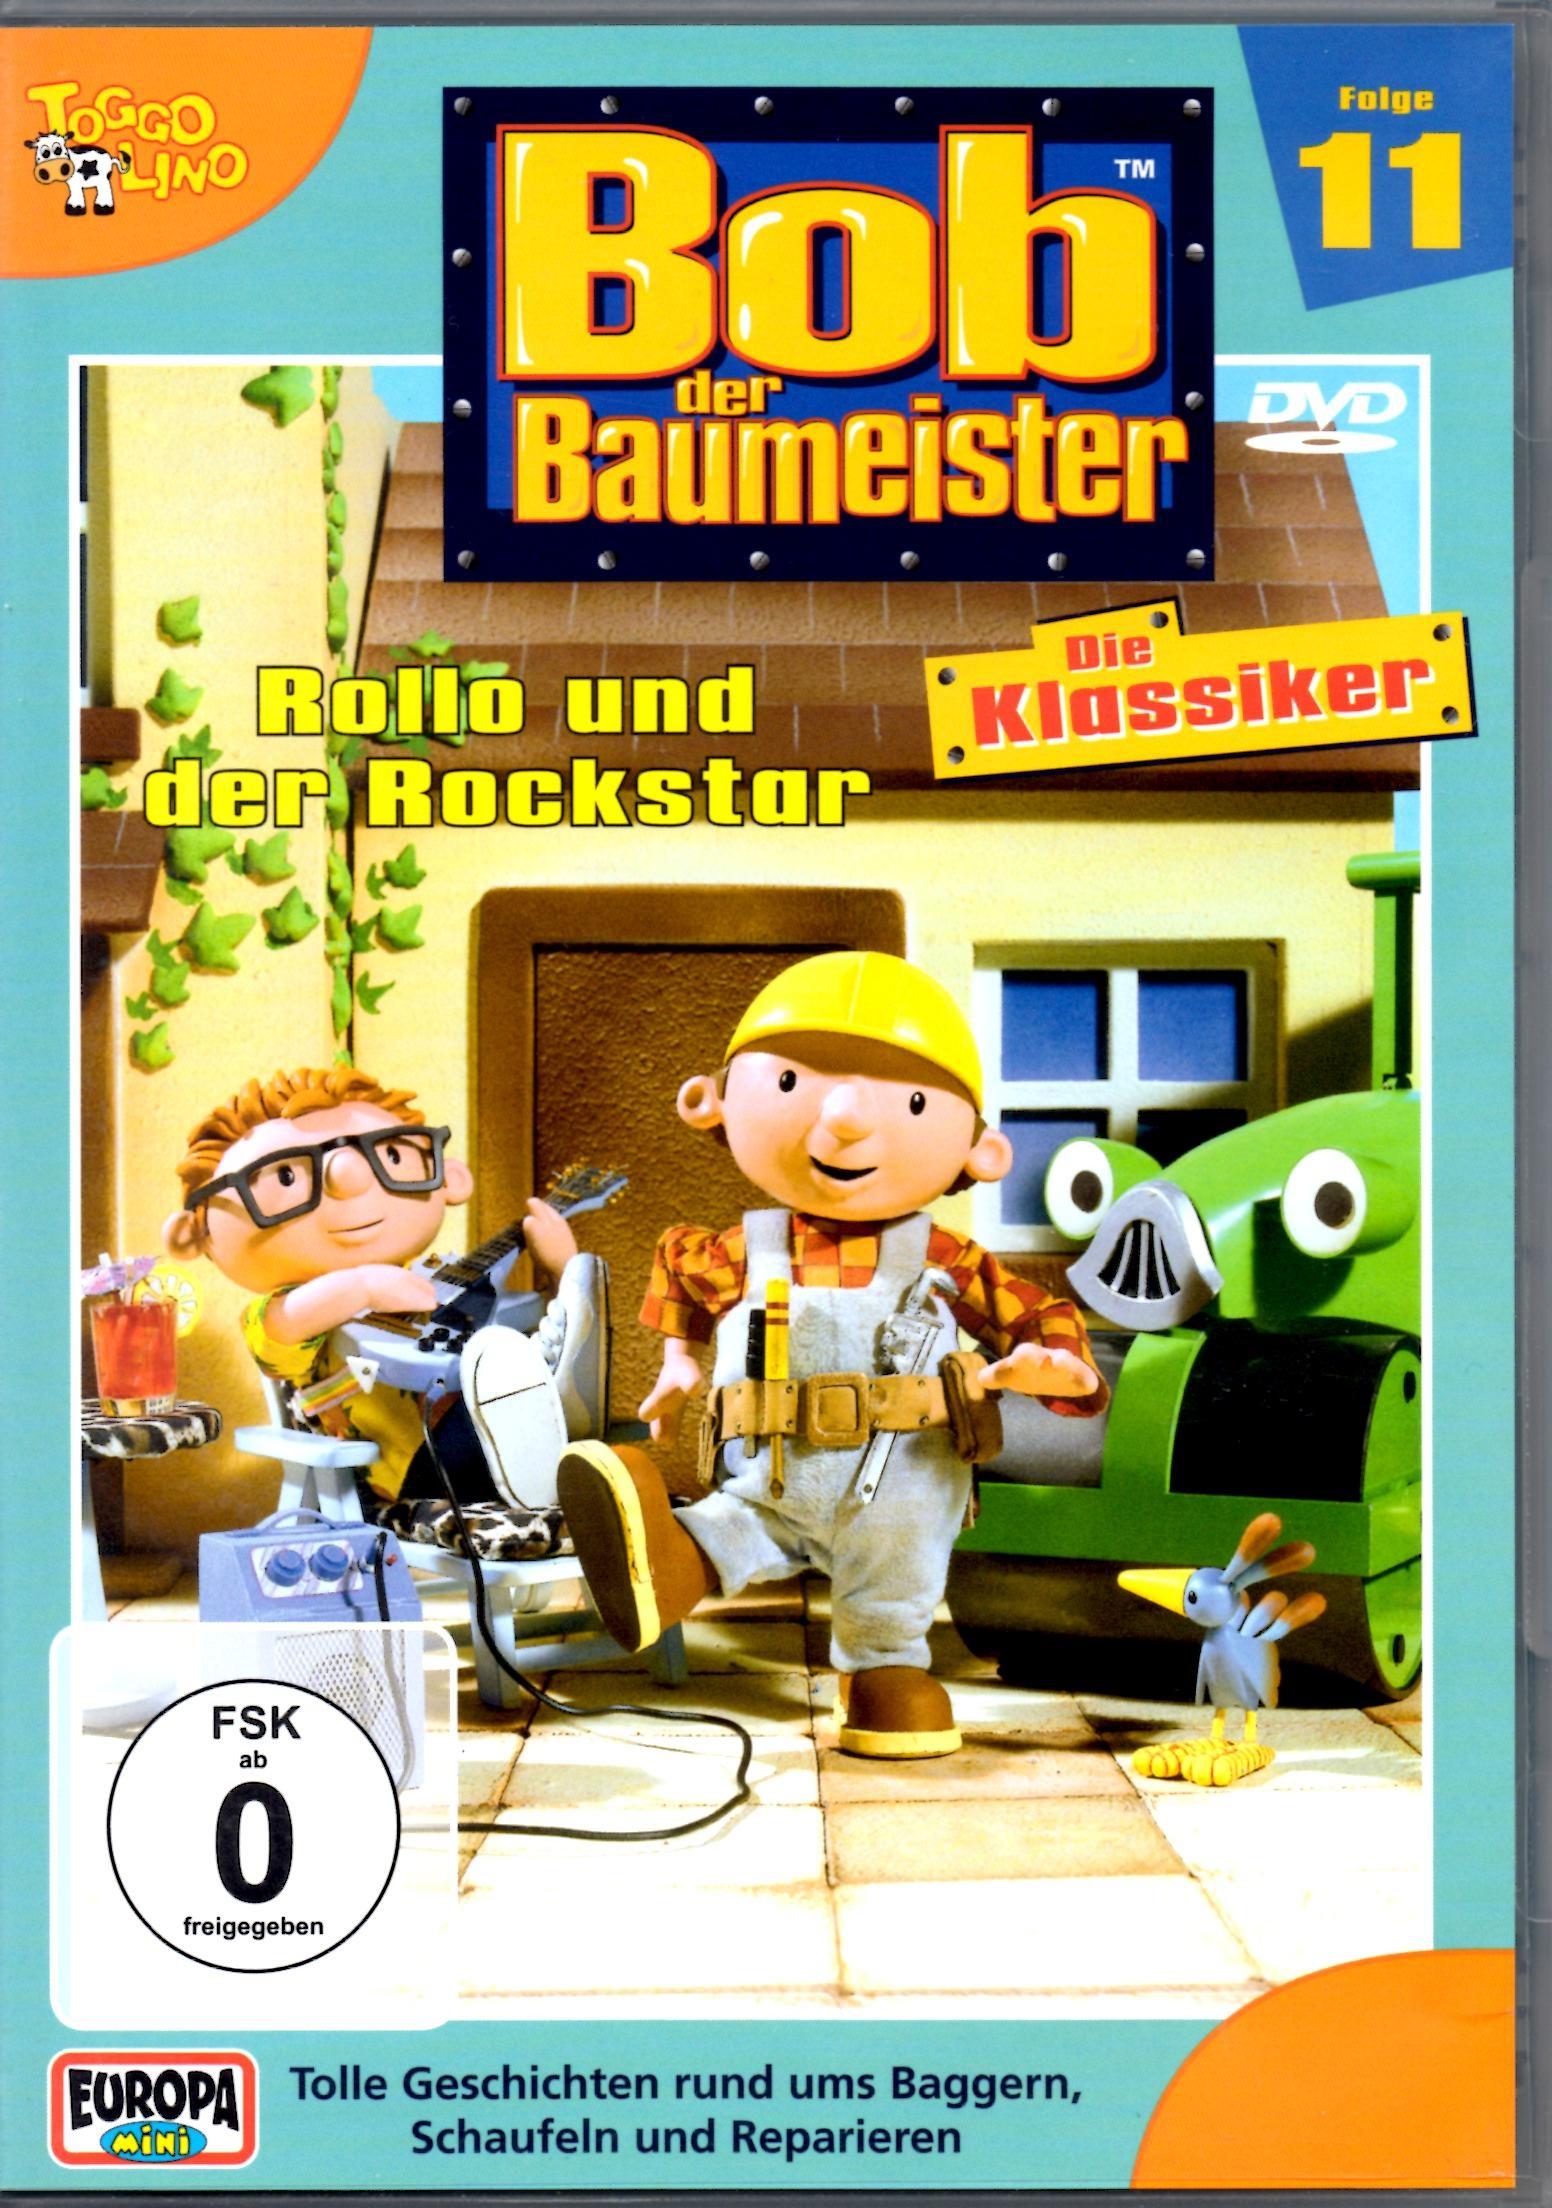 Bob Der Baumeister Artikel